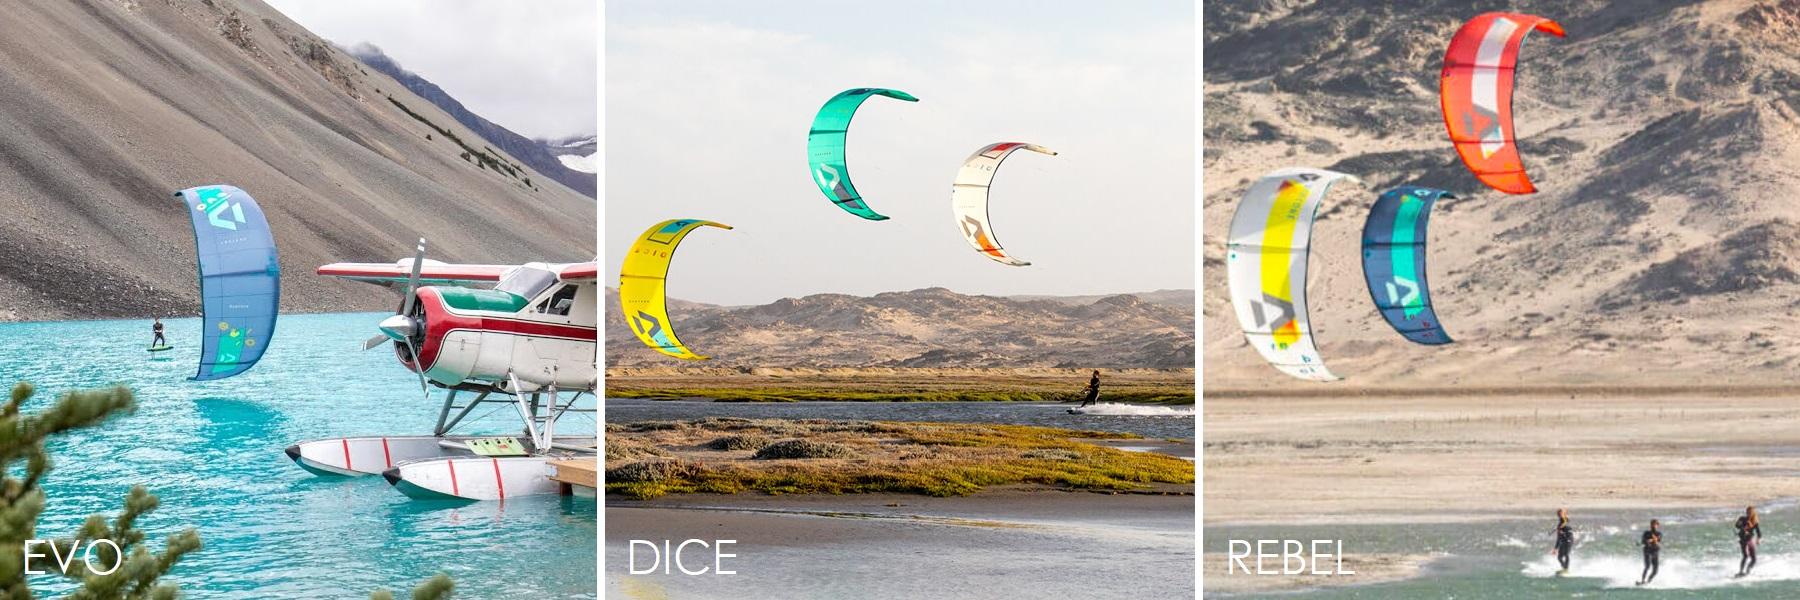 wypożyczenie kite lo stagnone, wypożyczenie kitesurfing lo stagnone, wypożyczenie kitesurfingu lo stagnone, wypożyczalnia kite lo stagnone, wypożyczalnia sprzętu kitesurfingowego w lo stagnone, wypożyczenie kite sycylia, wypożyczenie sprzętu do kitesurfingu na Sycylii